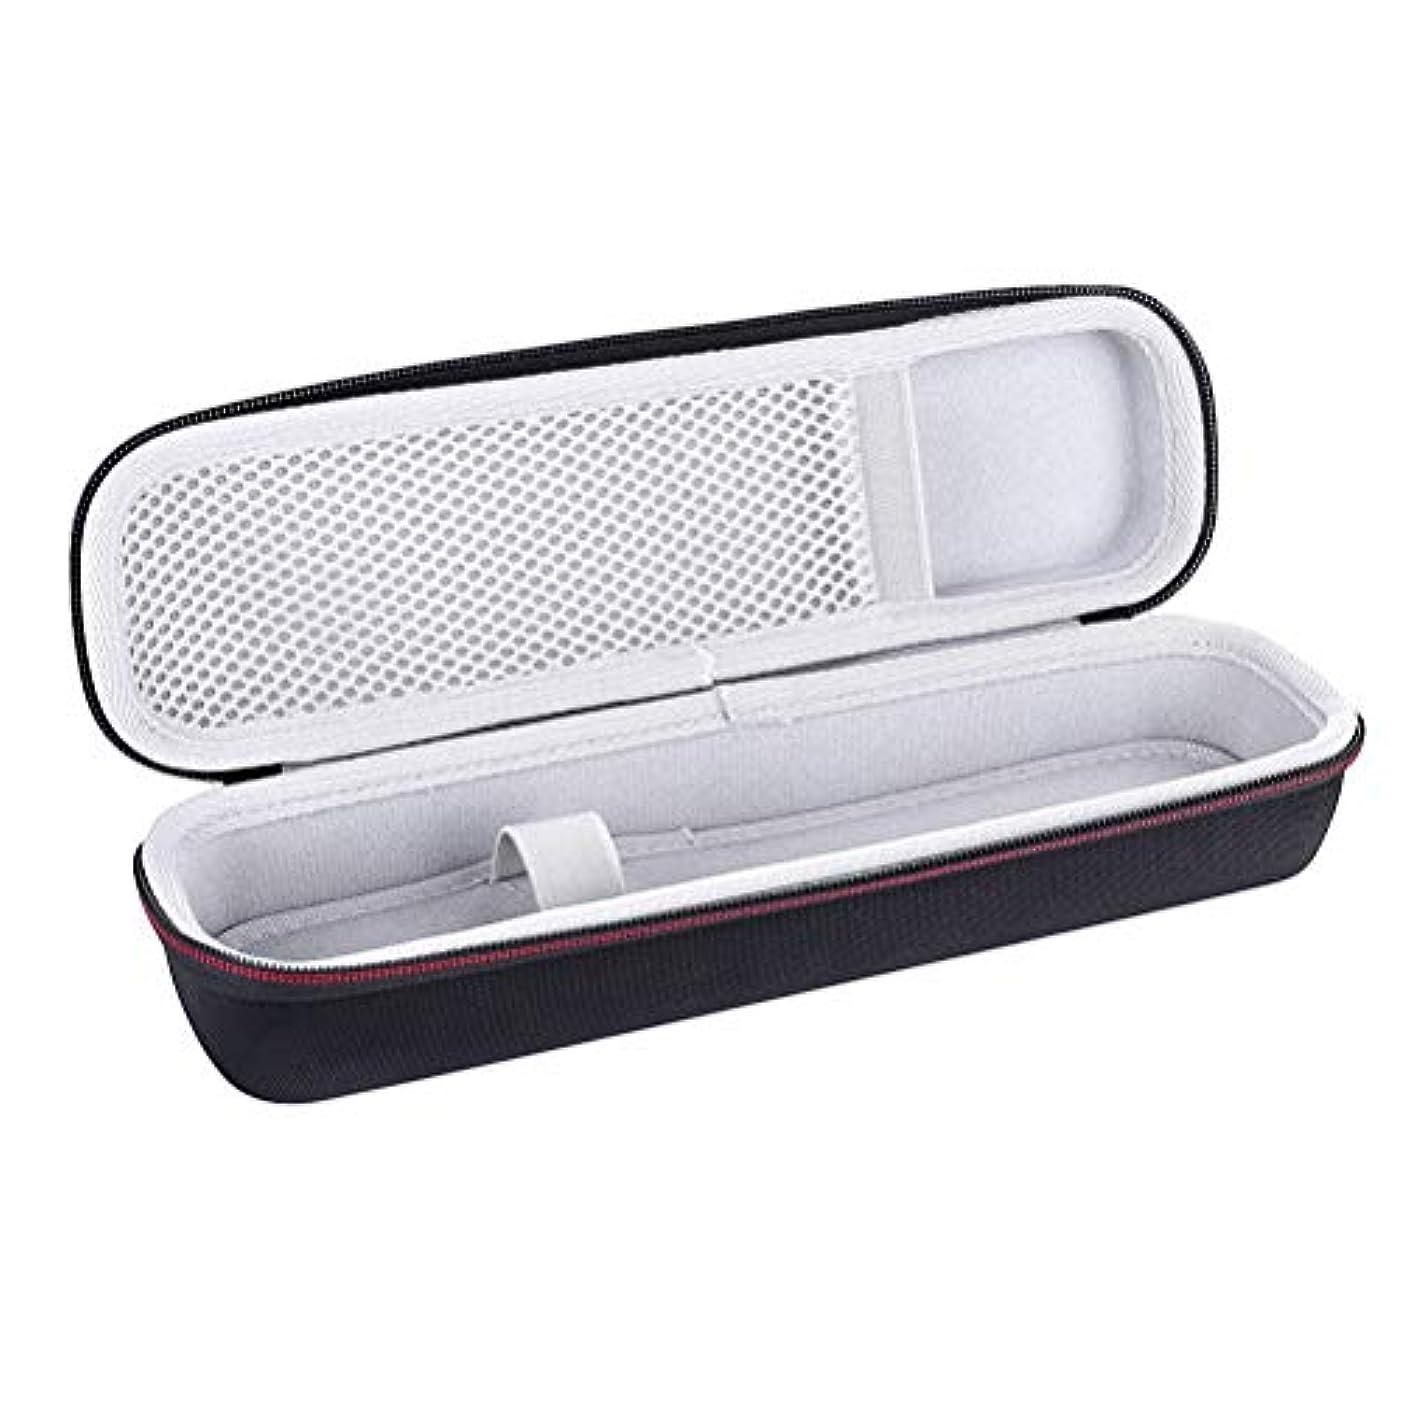 葬儀外国人排他的Healifty 電動歯ブラシケースポータブル圧縮抵抗保護歯ブラシ収納ケース屋外旅行用